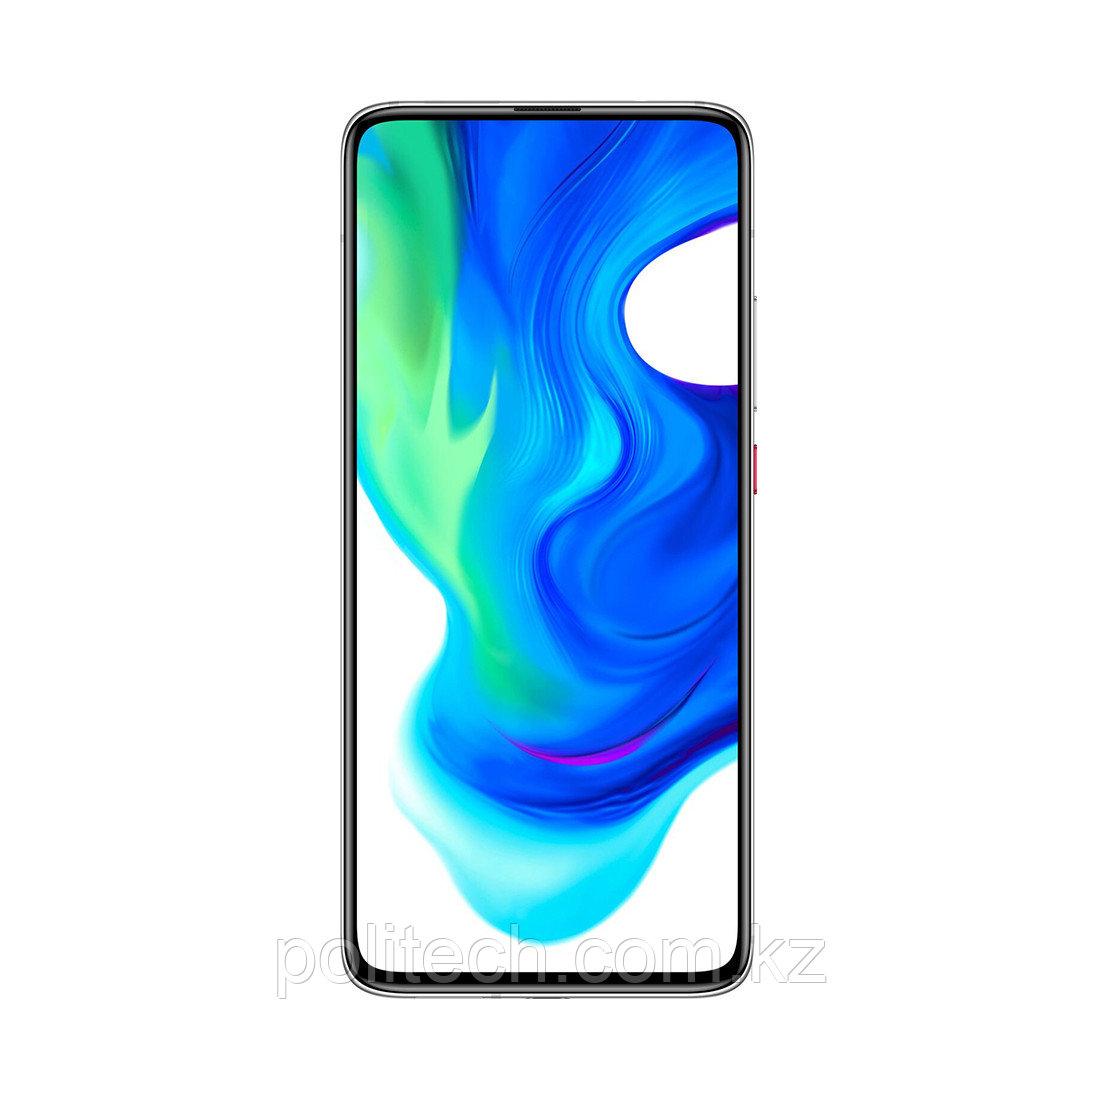 Мобильный телефон Xiaomi Poco F2 Pro 256GB Phantom White